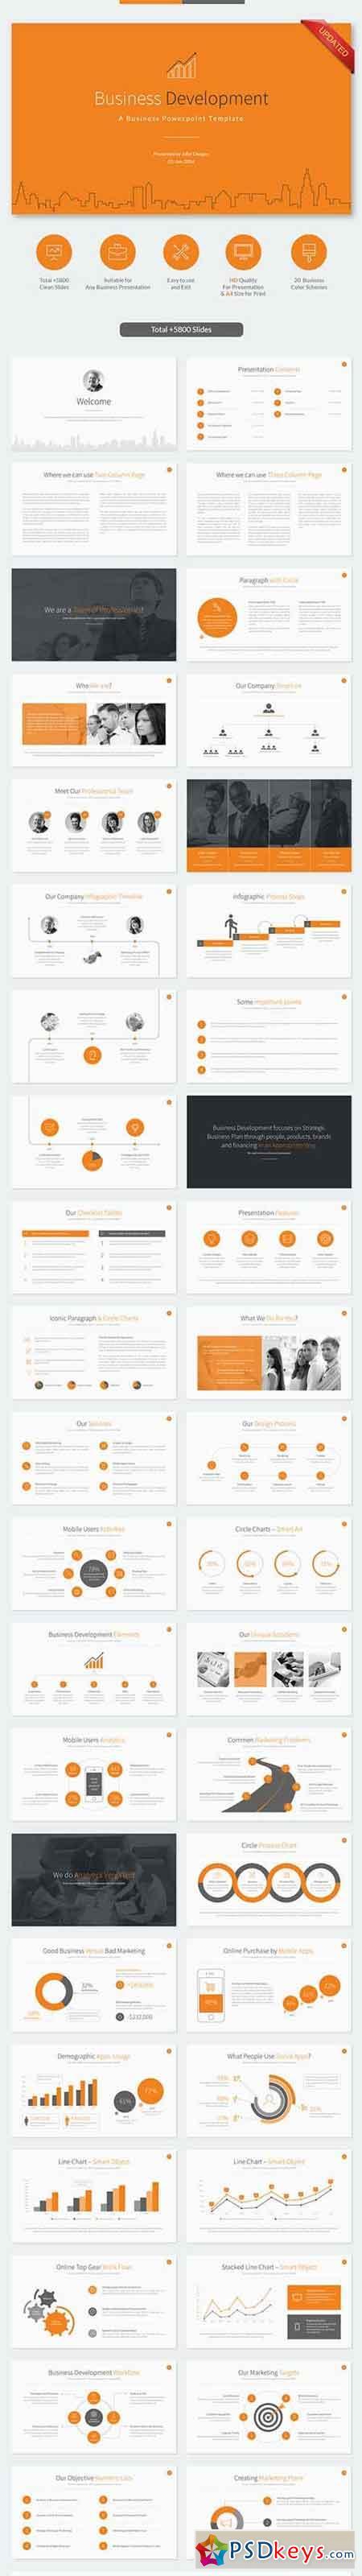 Business Development Powerpoint Template 10420710